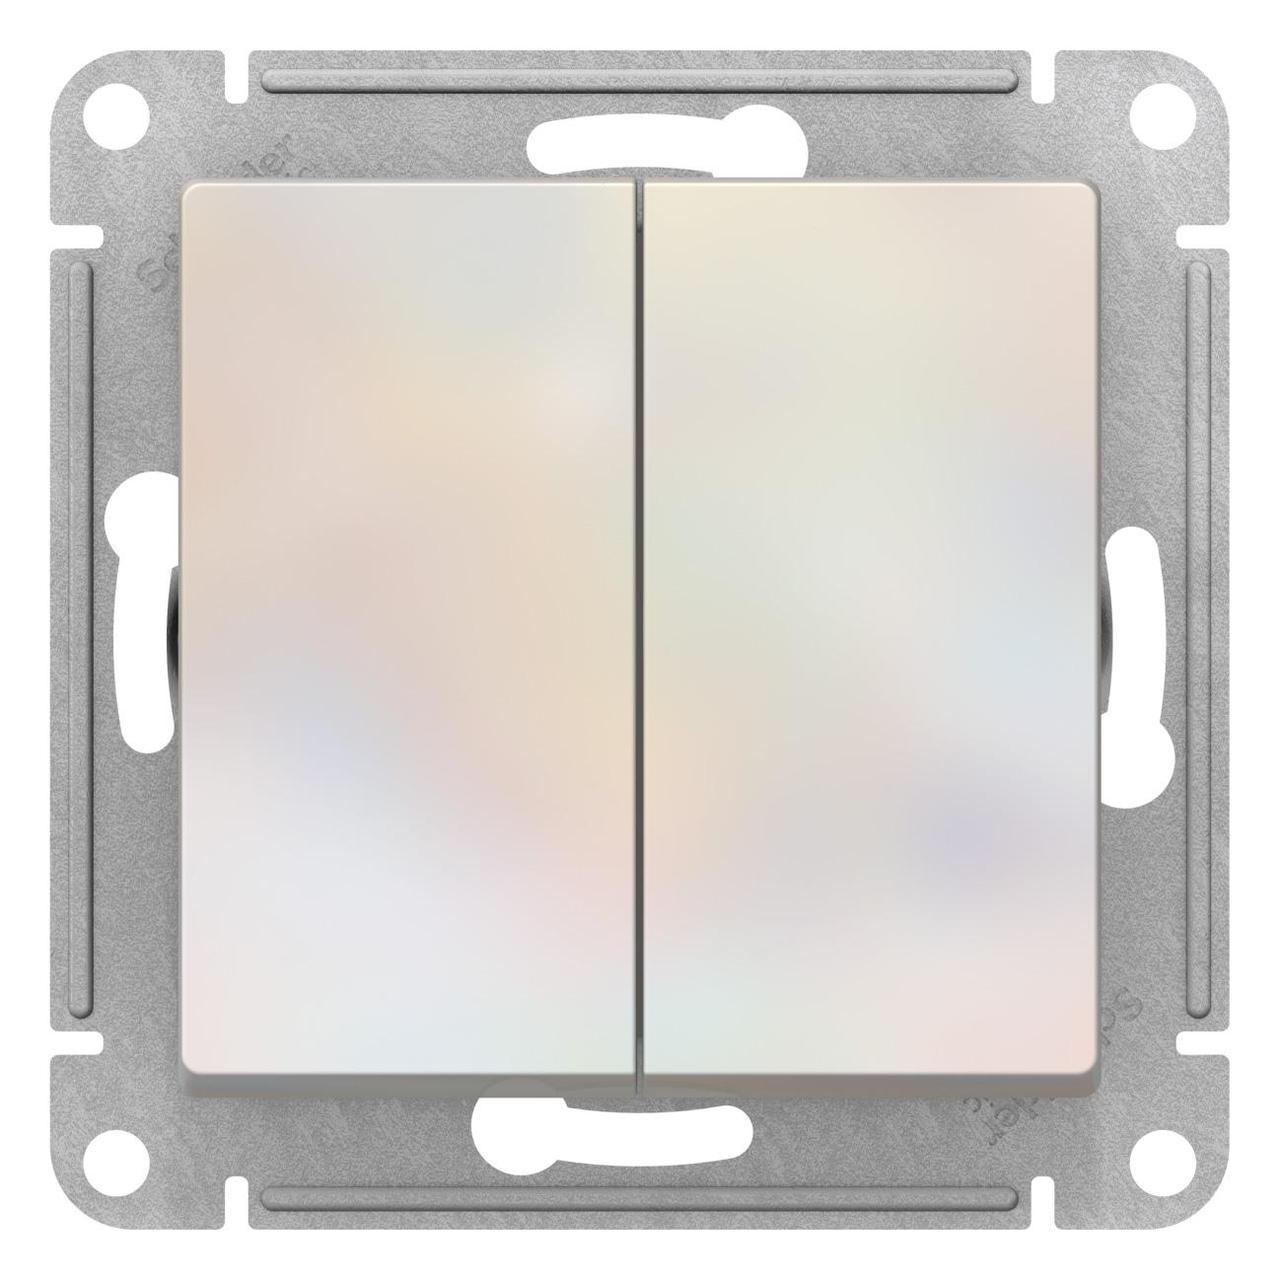 Выключатель 2-клавишный проходной (с двух мест) , Жемчуг, серия Atlas Design, Schneider Electric